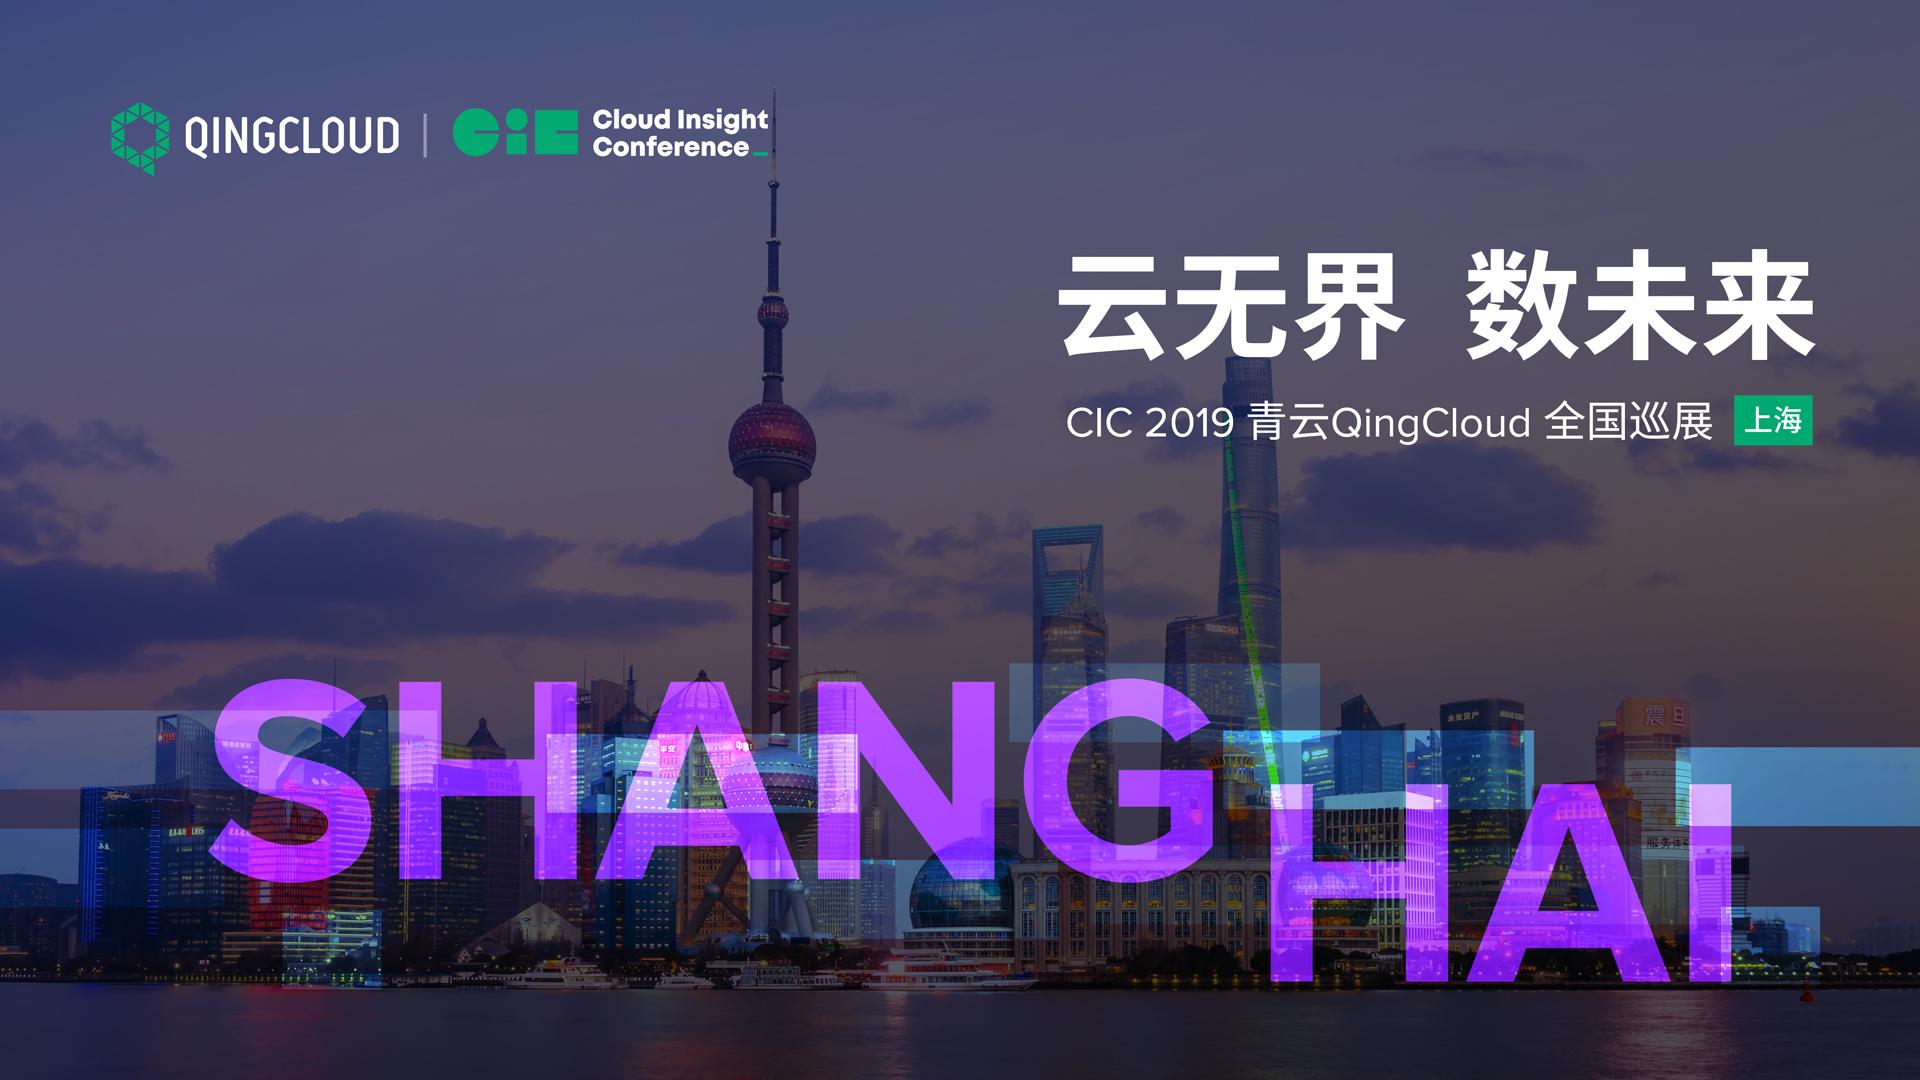 青云QingCloud全国巡展走进上海 点燃科技创新中心新活力